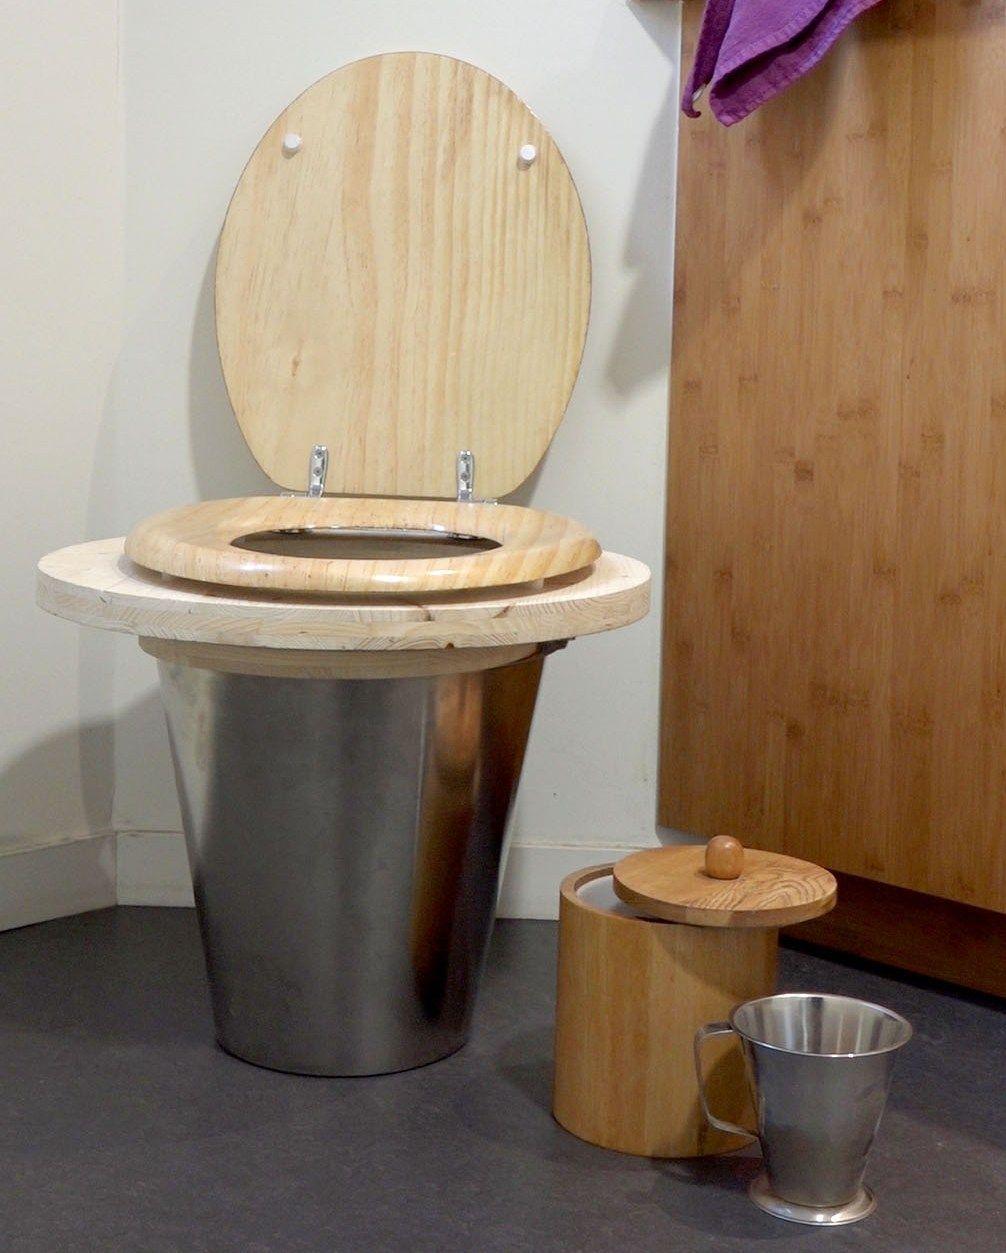 Salle De Bain Couleur Wenge ~ toilettes s ches familiales e5 toilette seche137 vwf jpg salle